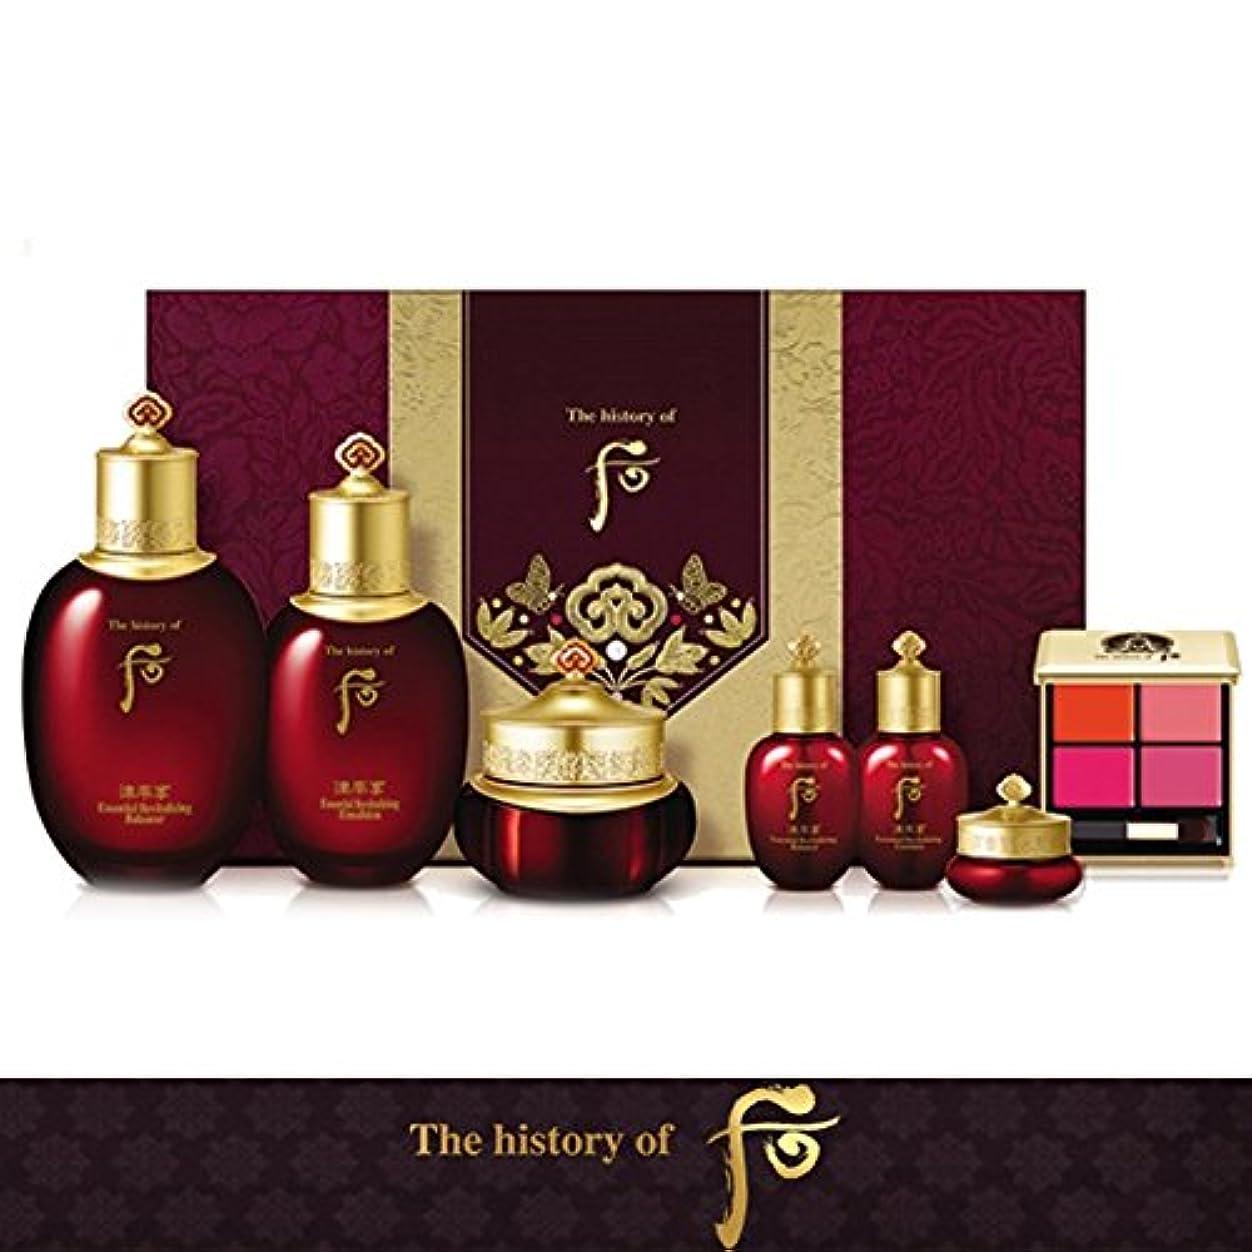 化石アスレチック振り子【フー/The history of whoo] Whoo后(フー) 津率享(ジンユルヒャン) 3種セット/JINYUL SET+[Sample Gift](海外直送品)